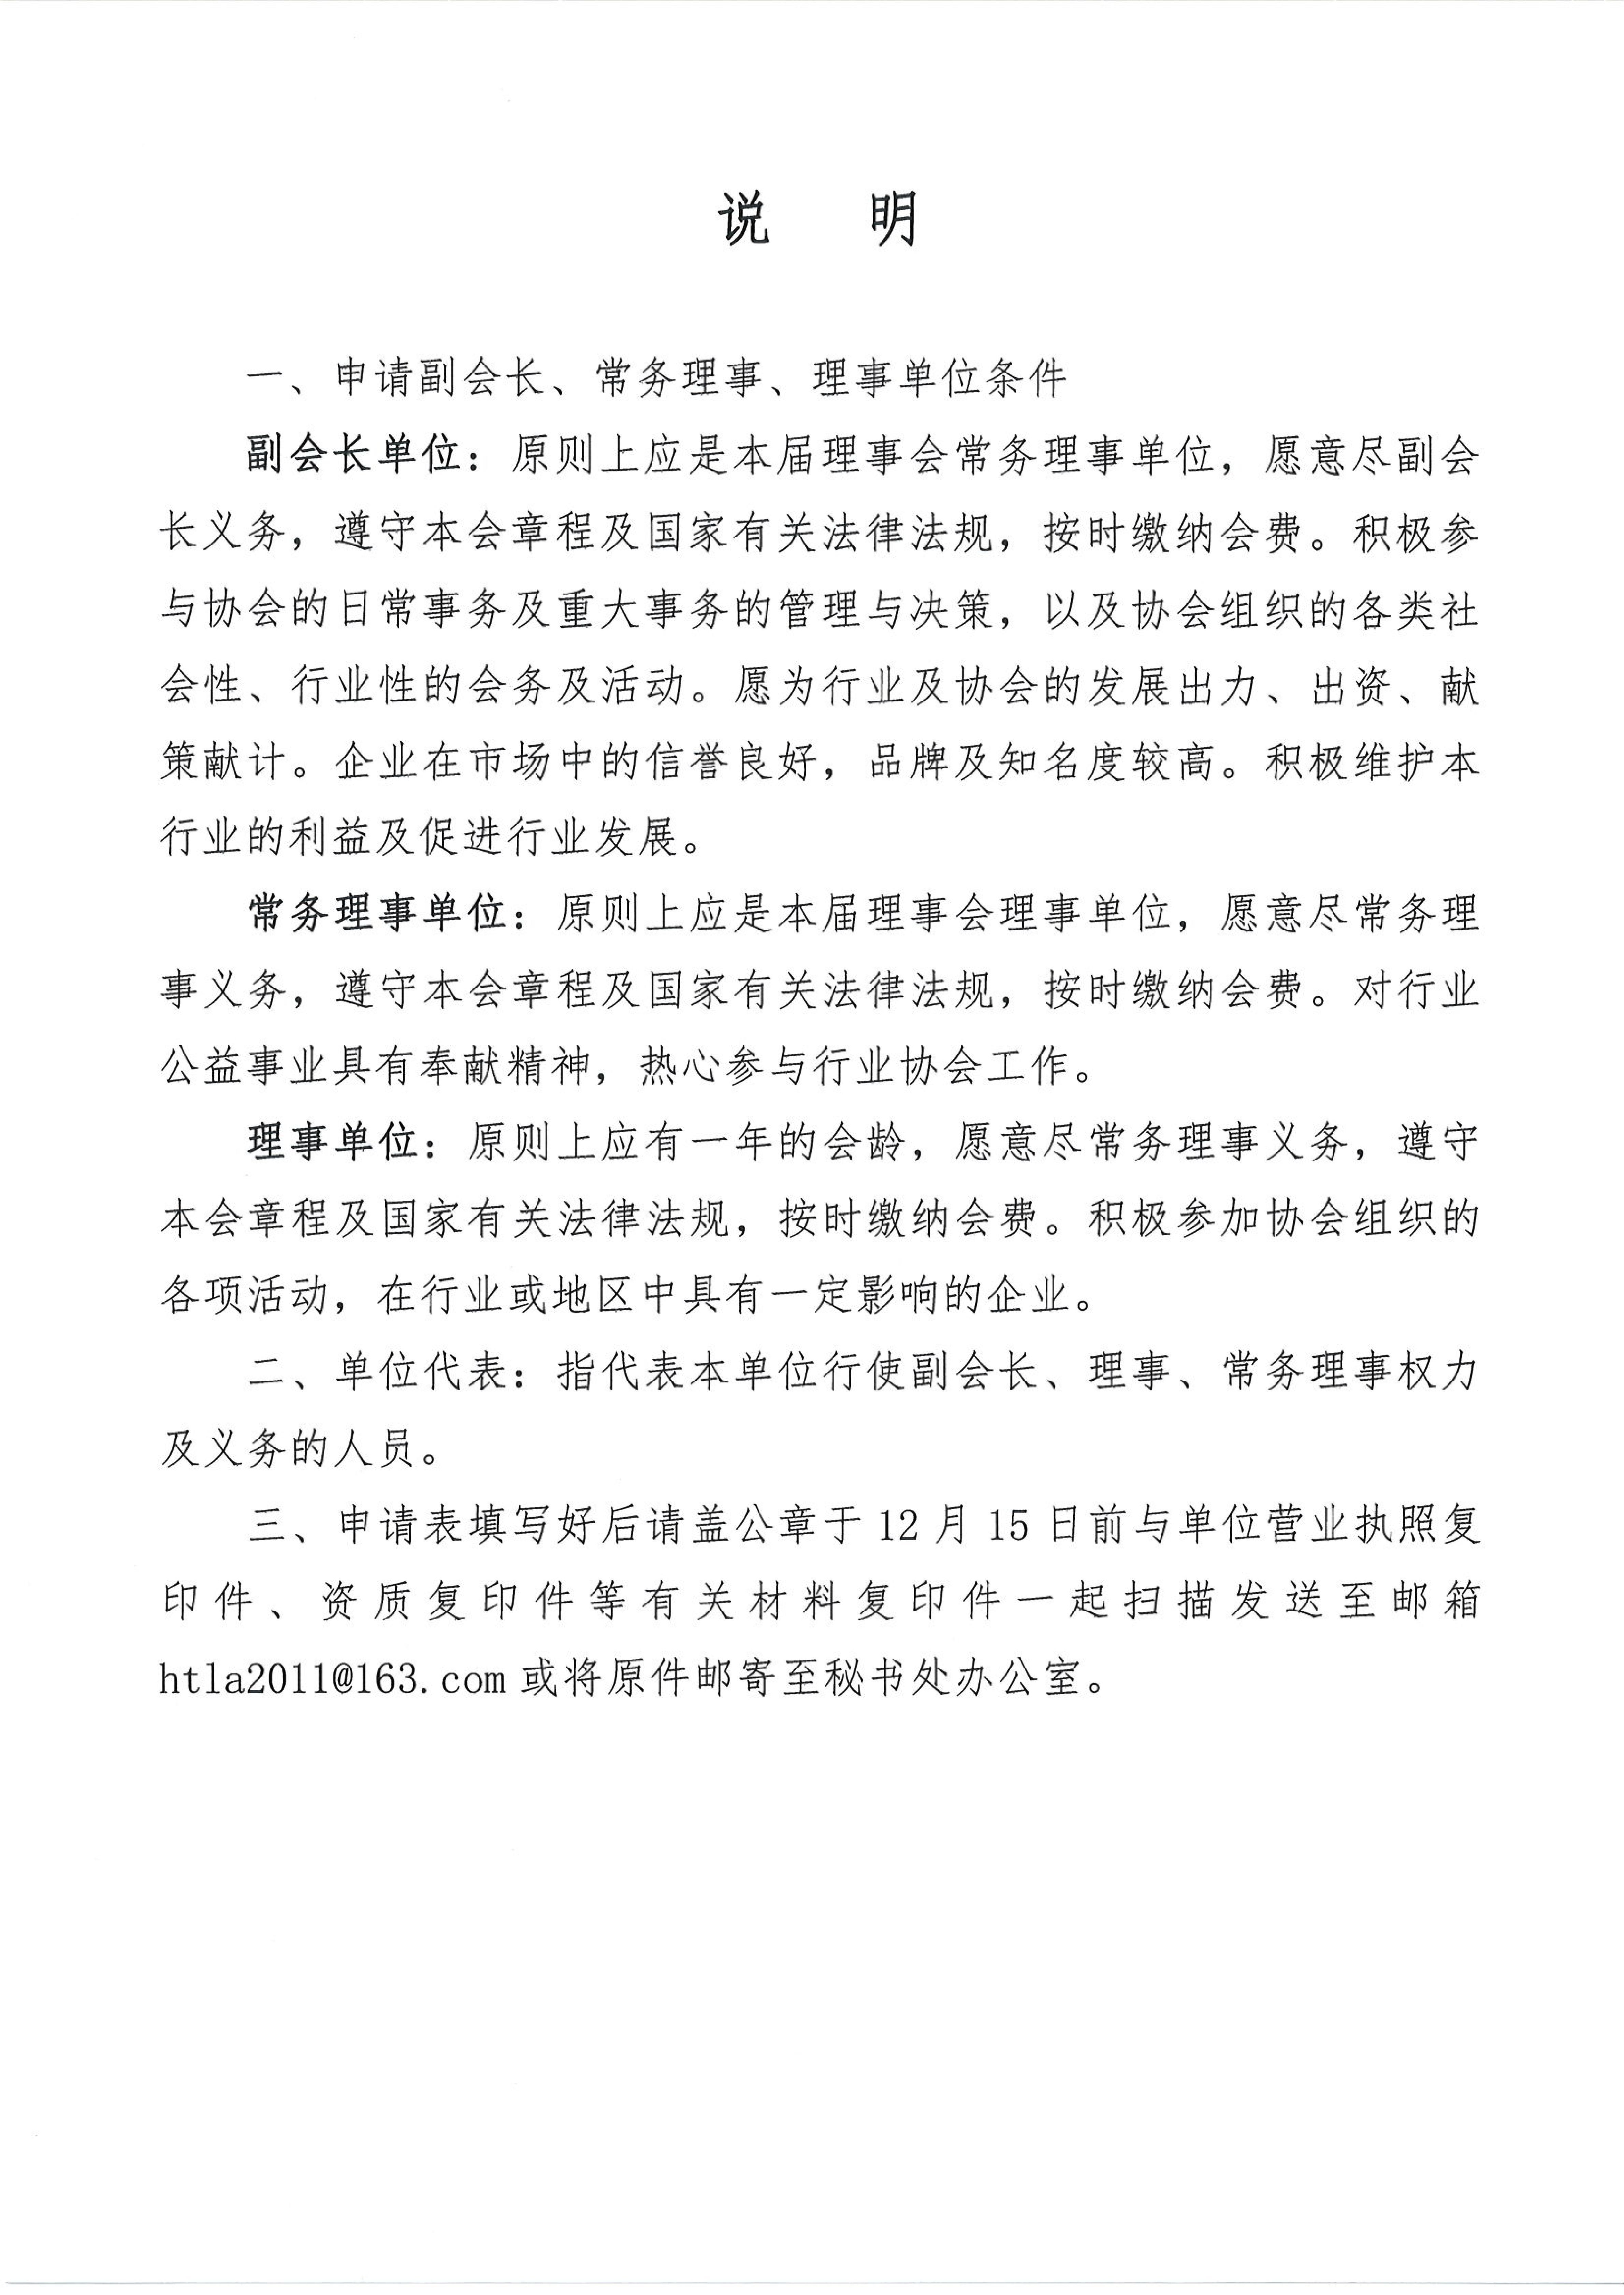 关于邀请加入第三届理事会理事候选单位的函_03.jpg